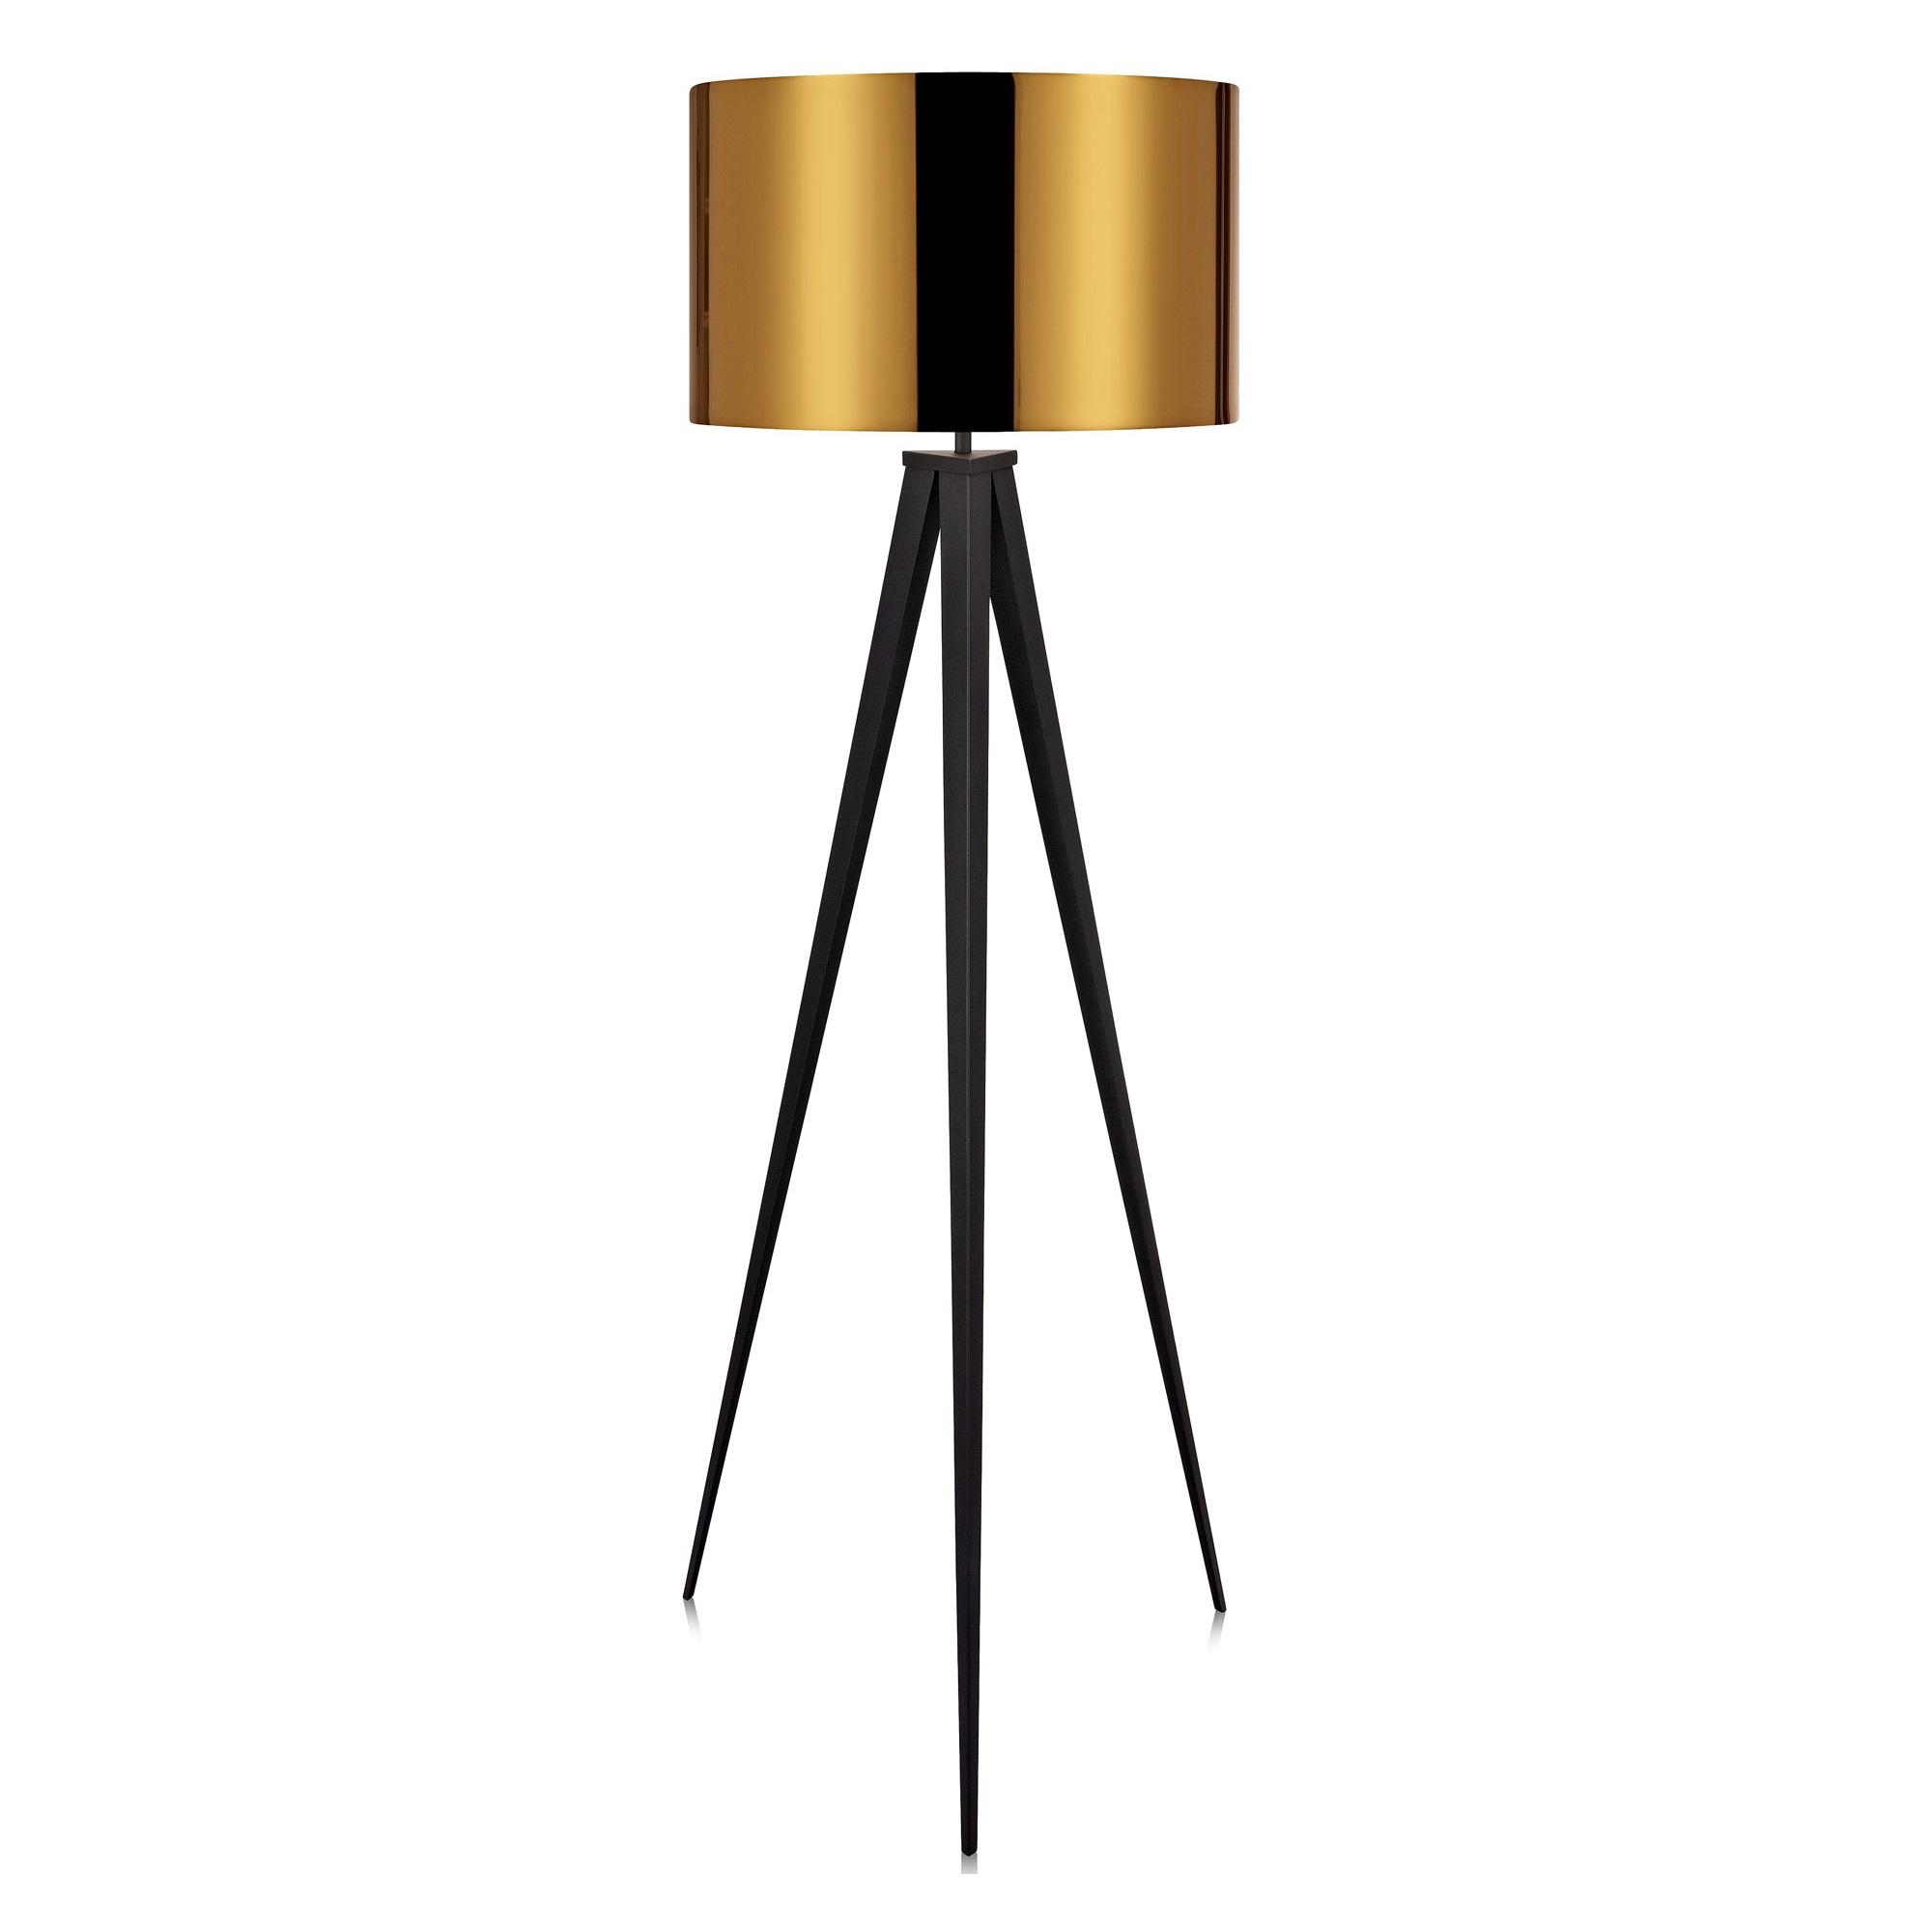 versanora romanza tripod floor lamp in gold l brilliant source. Black Bedroom Furniture Sets. Home Design Ideas